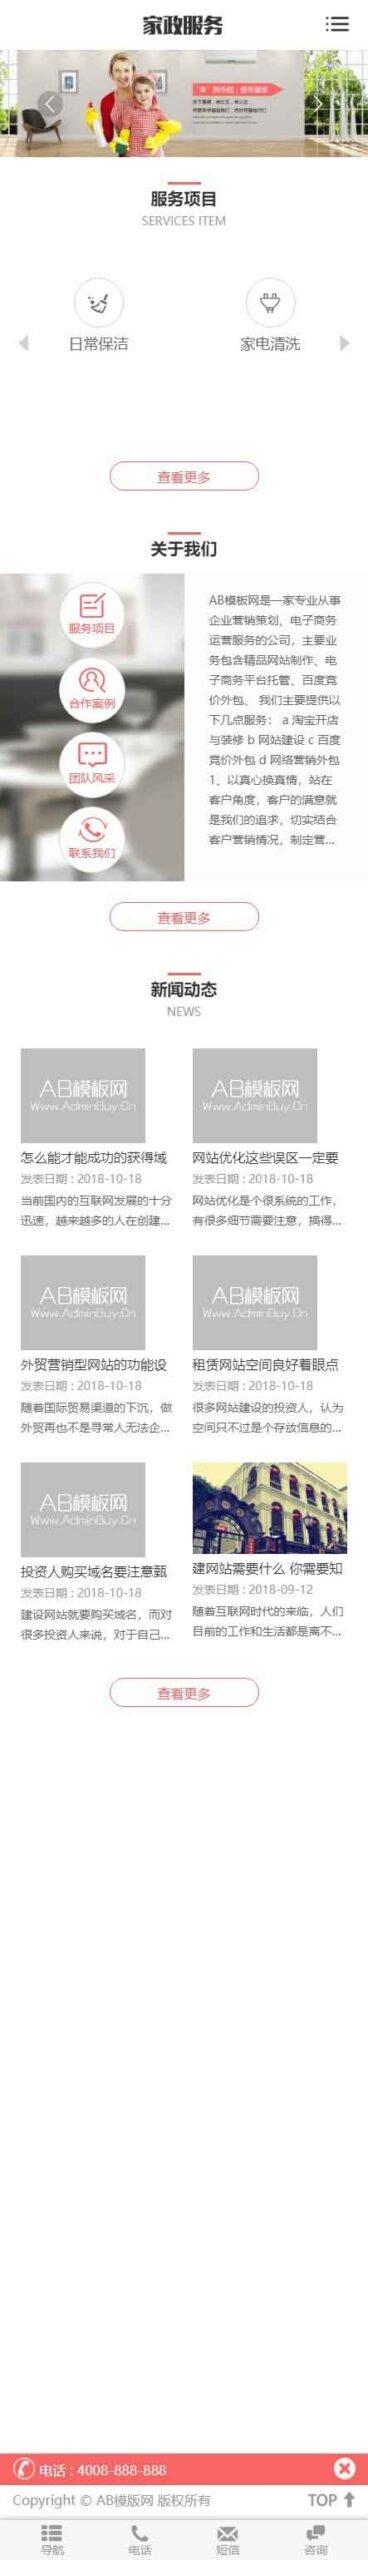 鹤云资源博客-清洁保洁家政服务企业网站织梦dede模板源码[自适应手机版]插图1